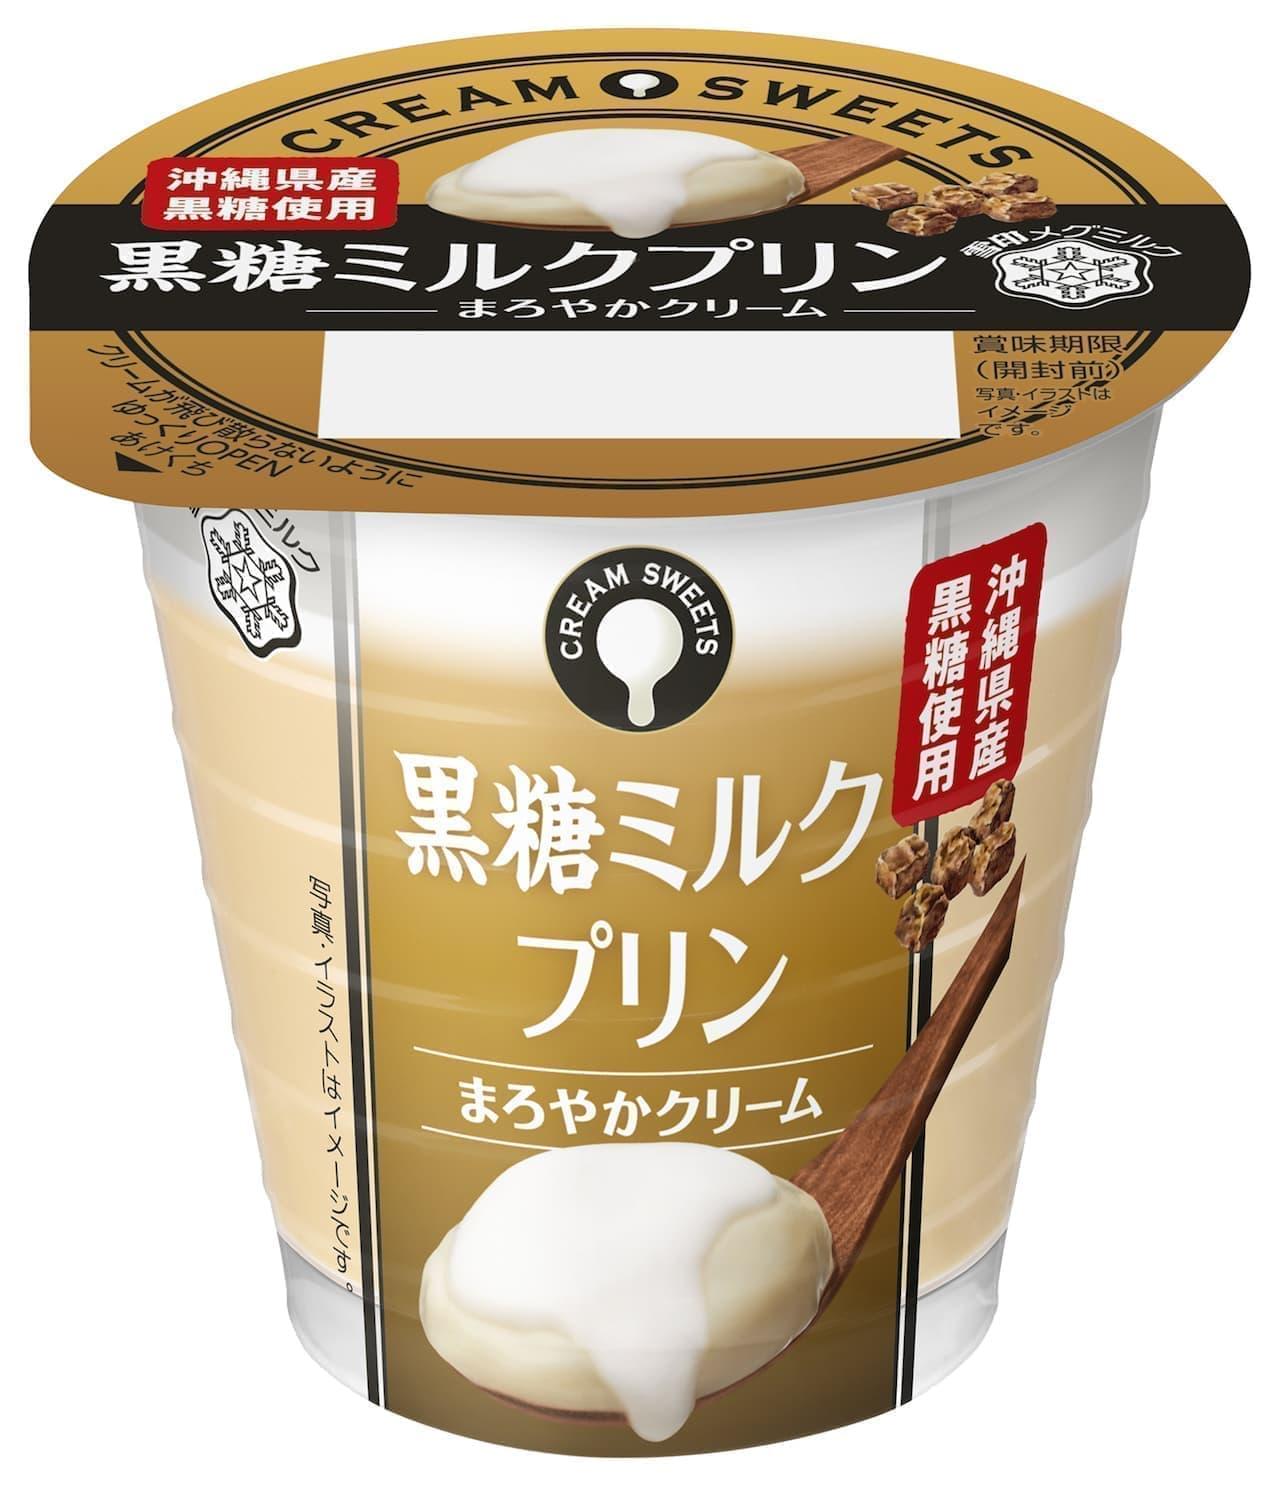 雪印メグミルク「CREAM SWEETS 黒糖ミルクプリン」